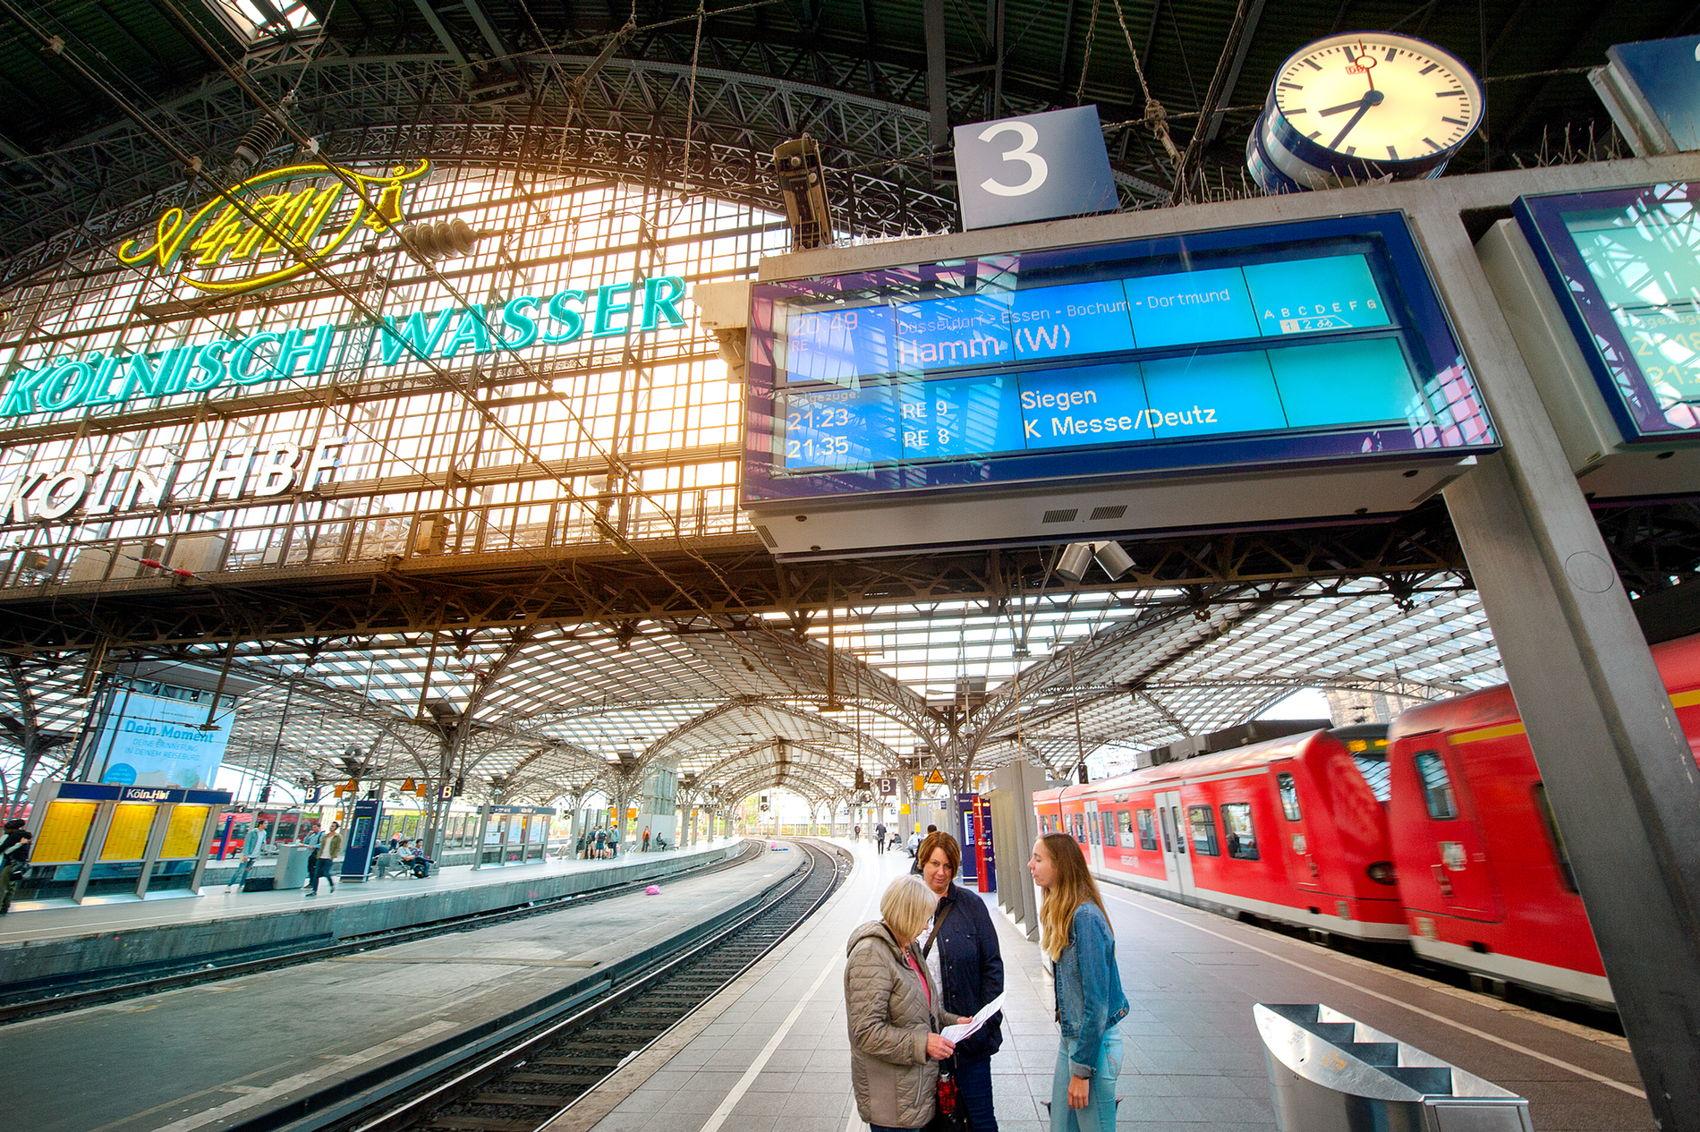 Station Köln